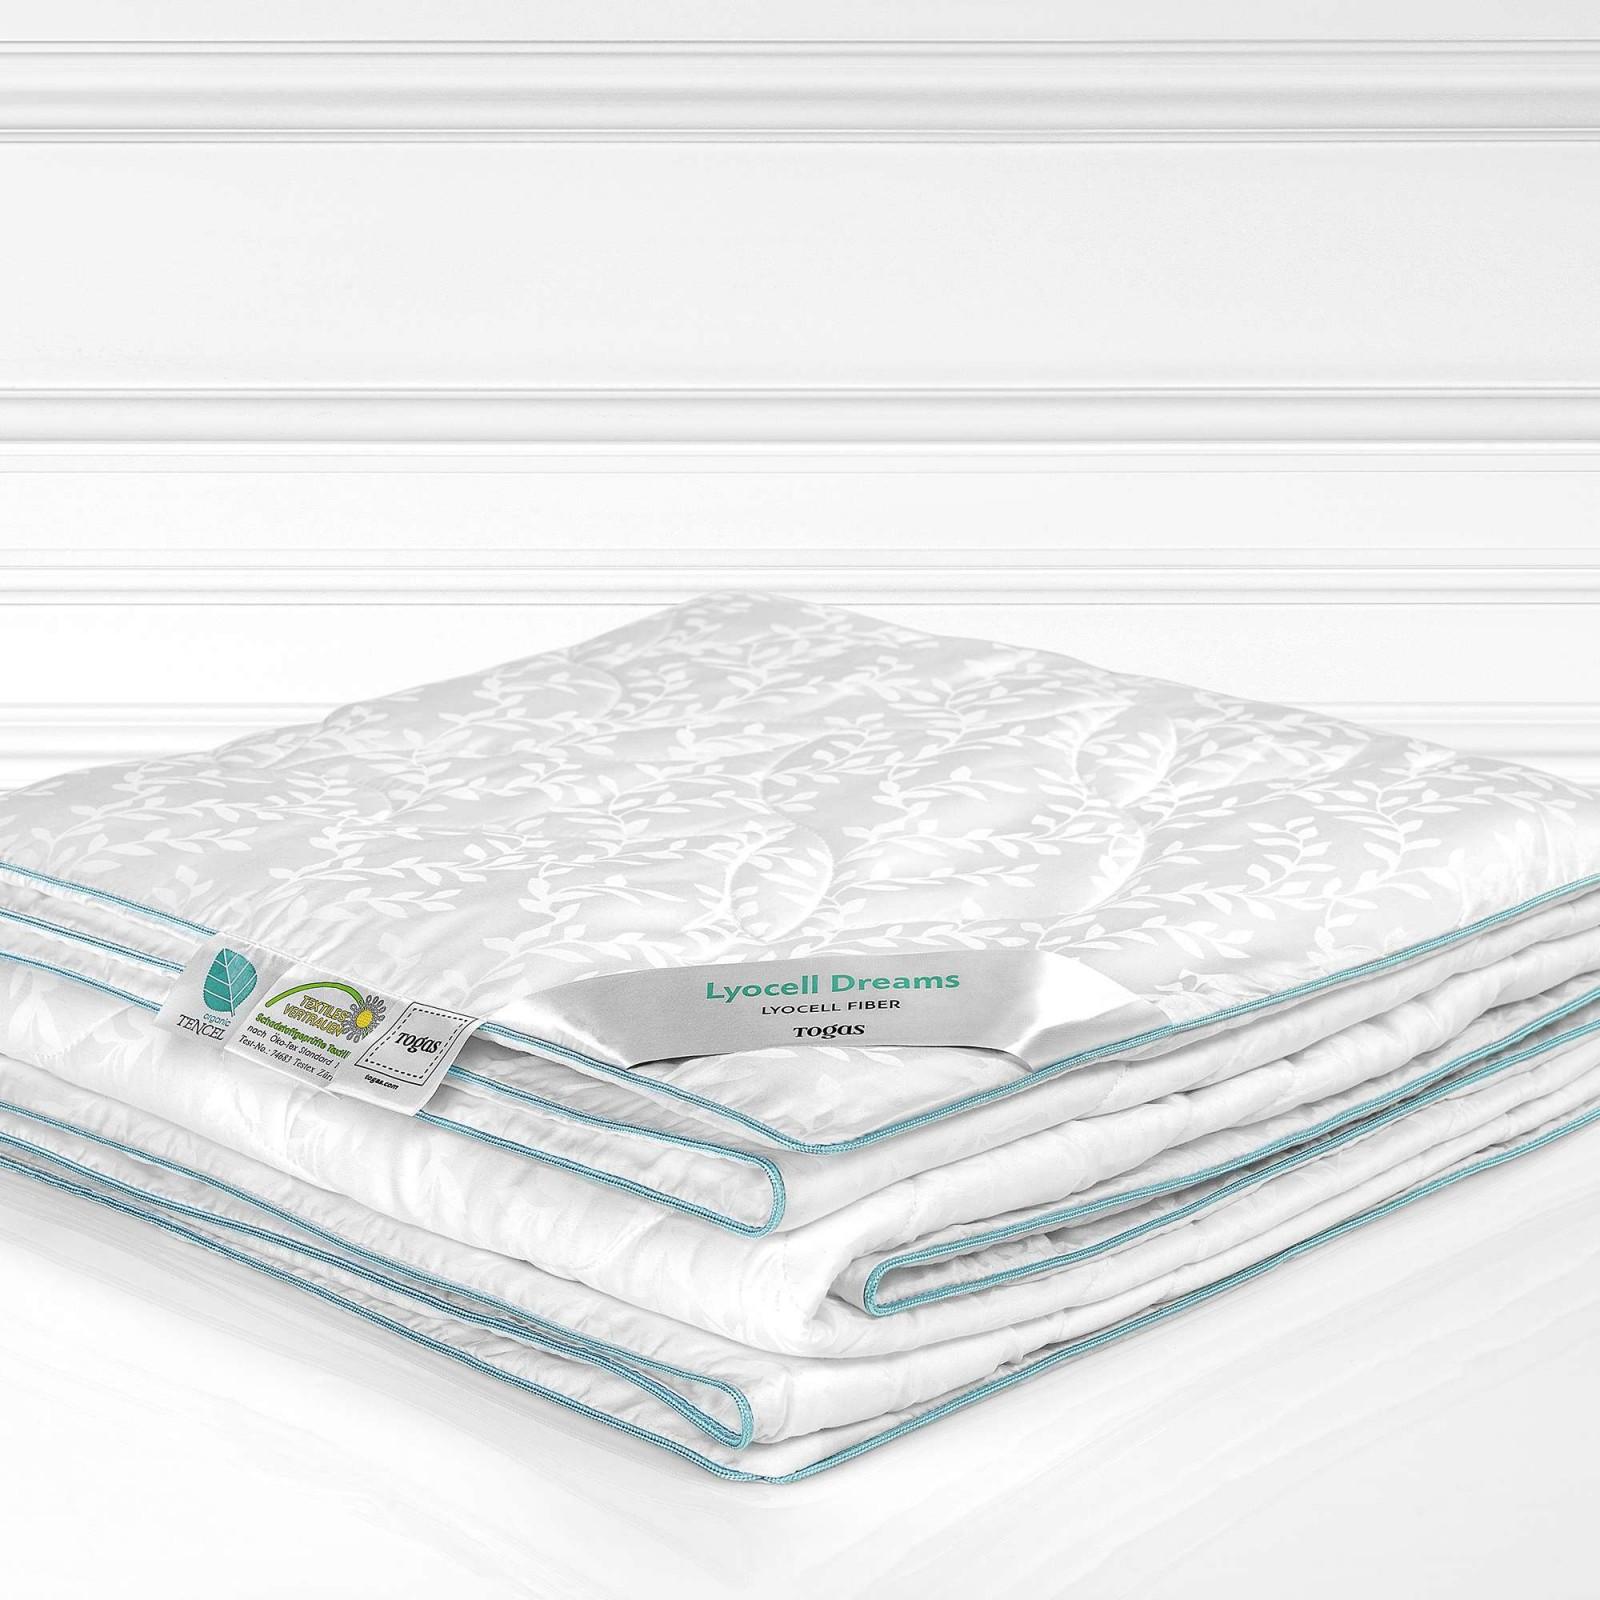 Одеяла Togas Одеяло Лиоцель Дримс Всесезонное (220х240 см) одеяла togas одеяло гелиос 220х240 см